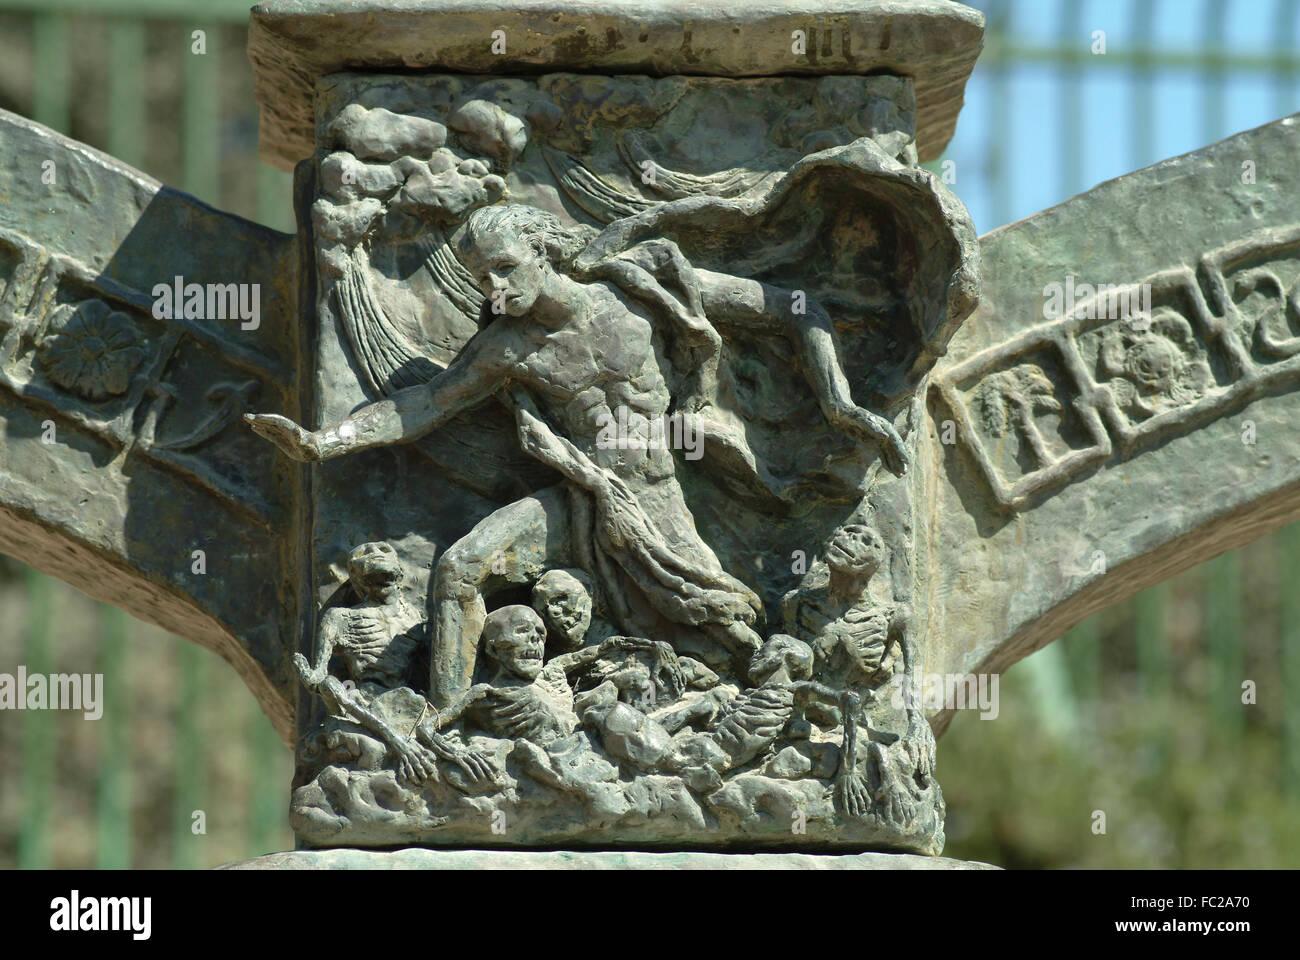 Resurrection of the prophet Ezekiel, relief on the Knesset Menorah, sculptor Benno Elkan, Jerusalem, Israel - Stock Image